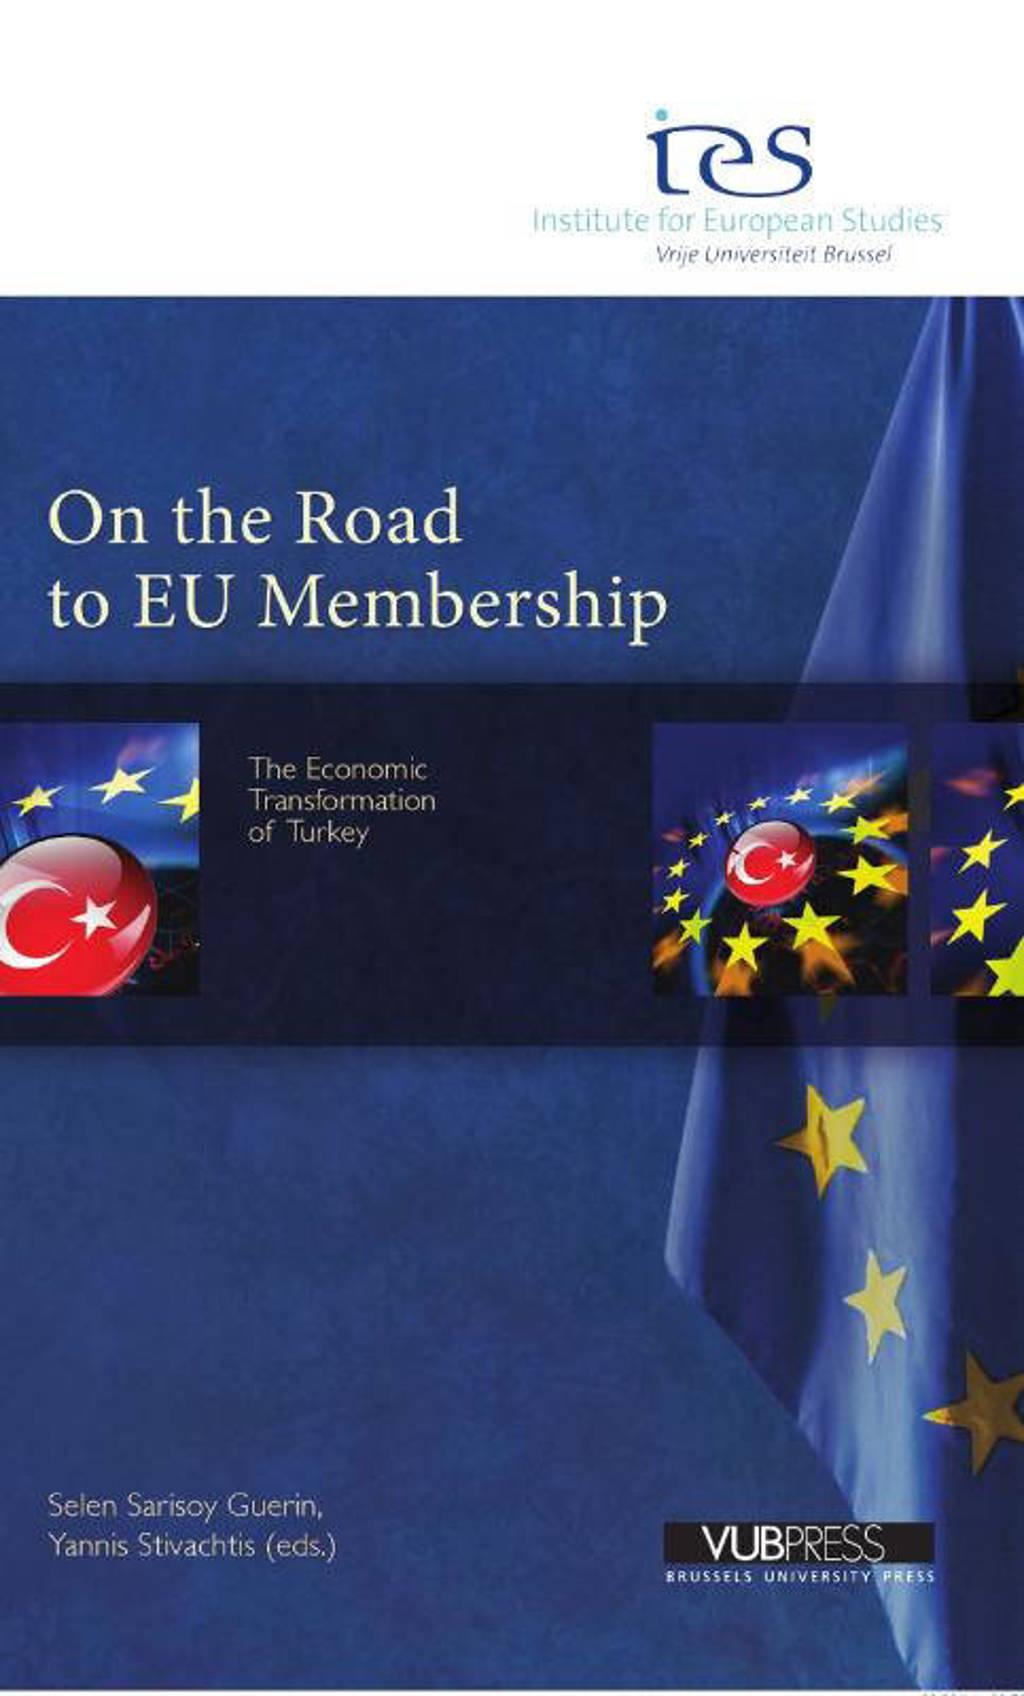 IES: The European Union as an integrative power? - Joachim Alexander Koops